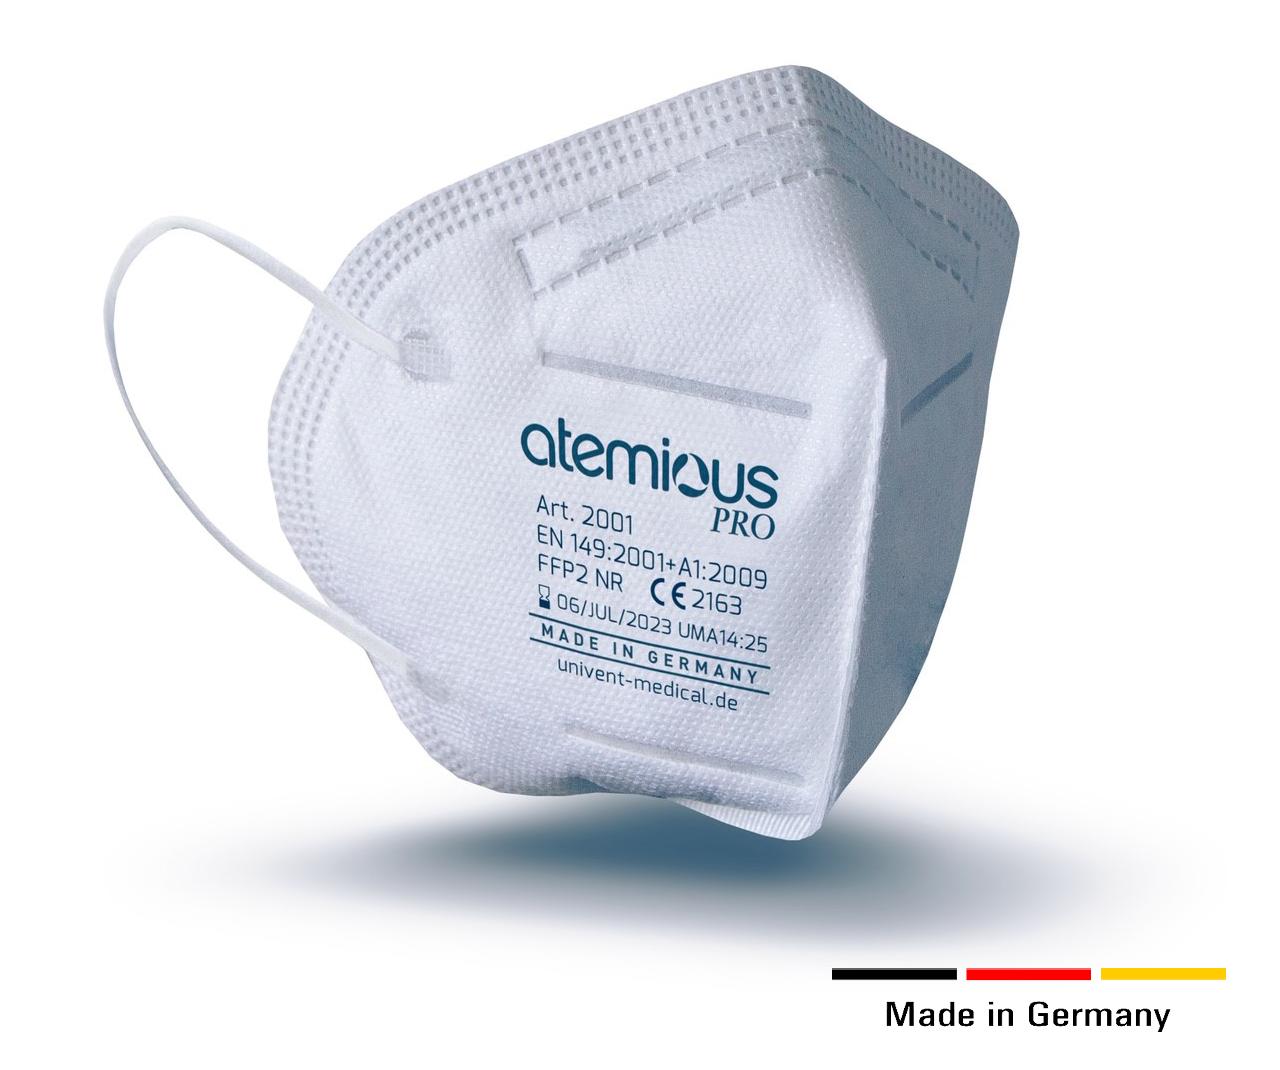 FFP2 Masken MADE IN GERMANY – CE Zertifiziert – atemious pro